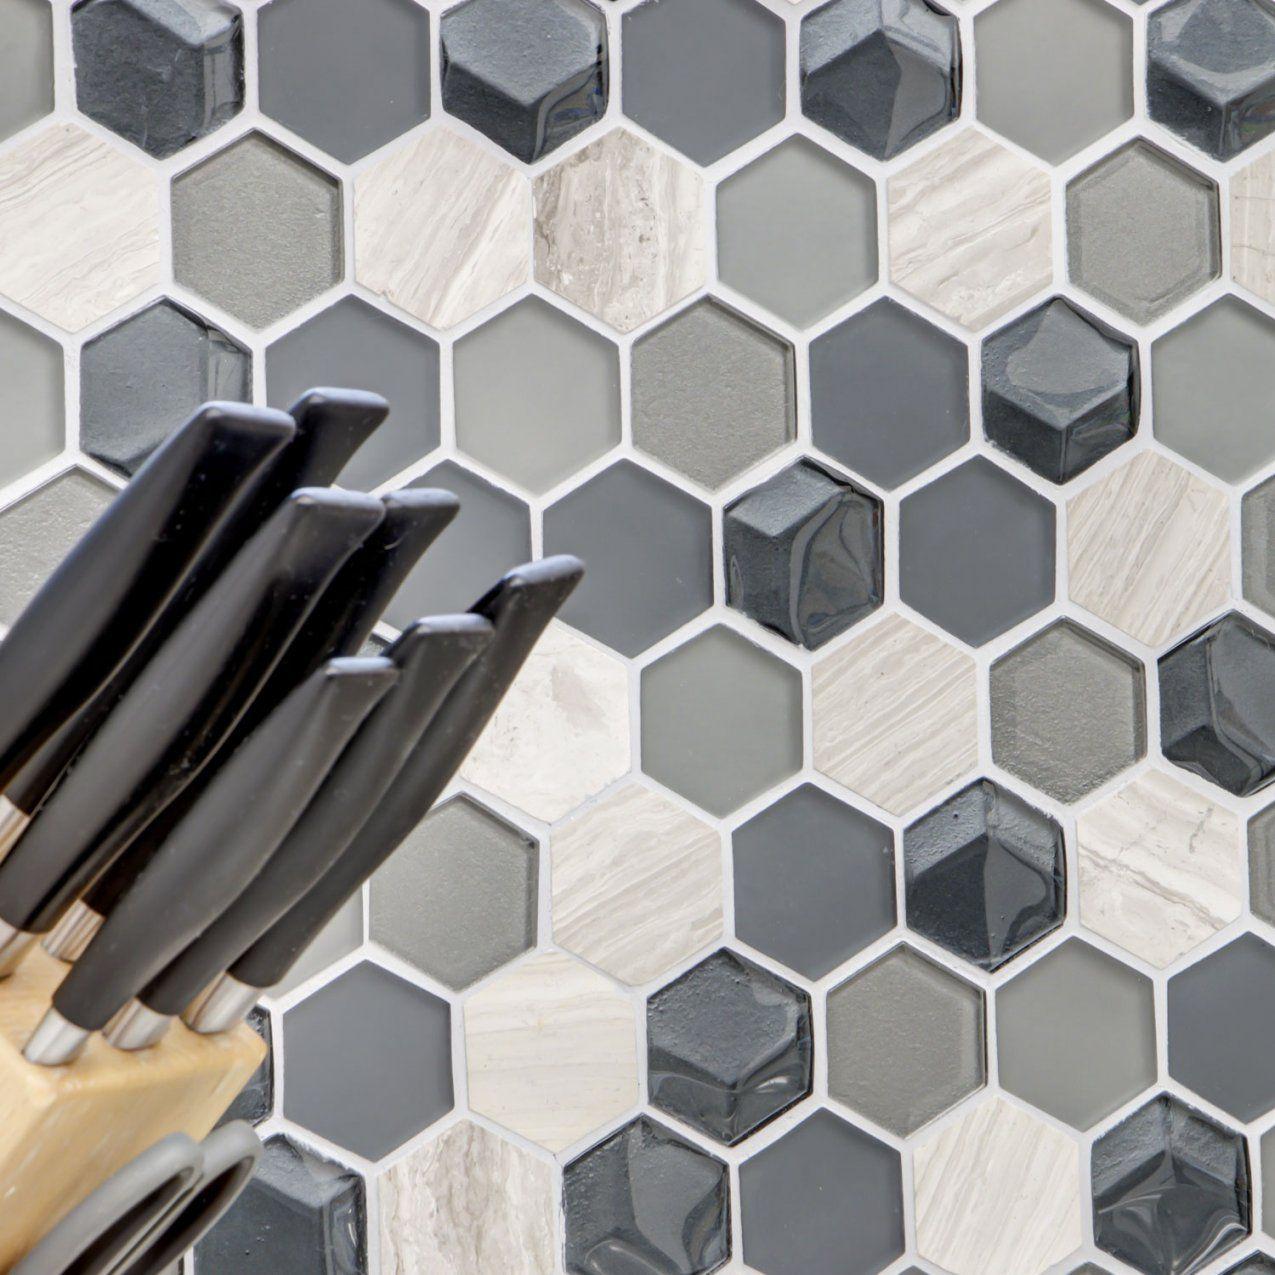 fliesen mosaik günstig | arbeitsplatte mosaik test vergleich